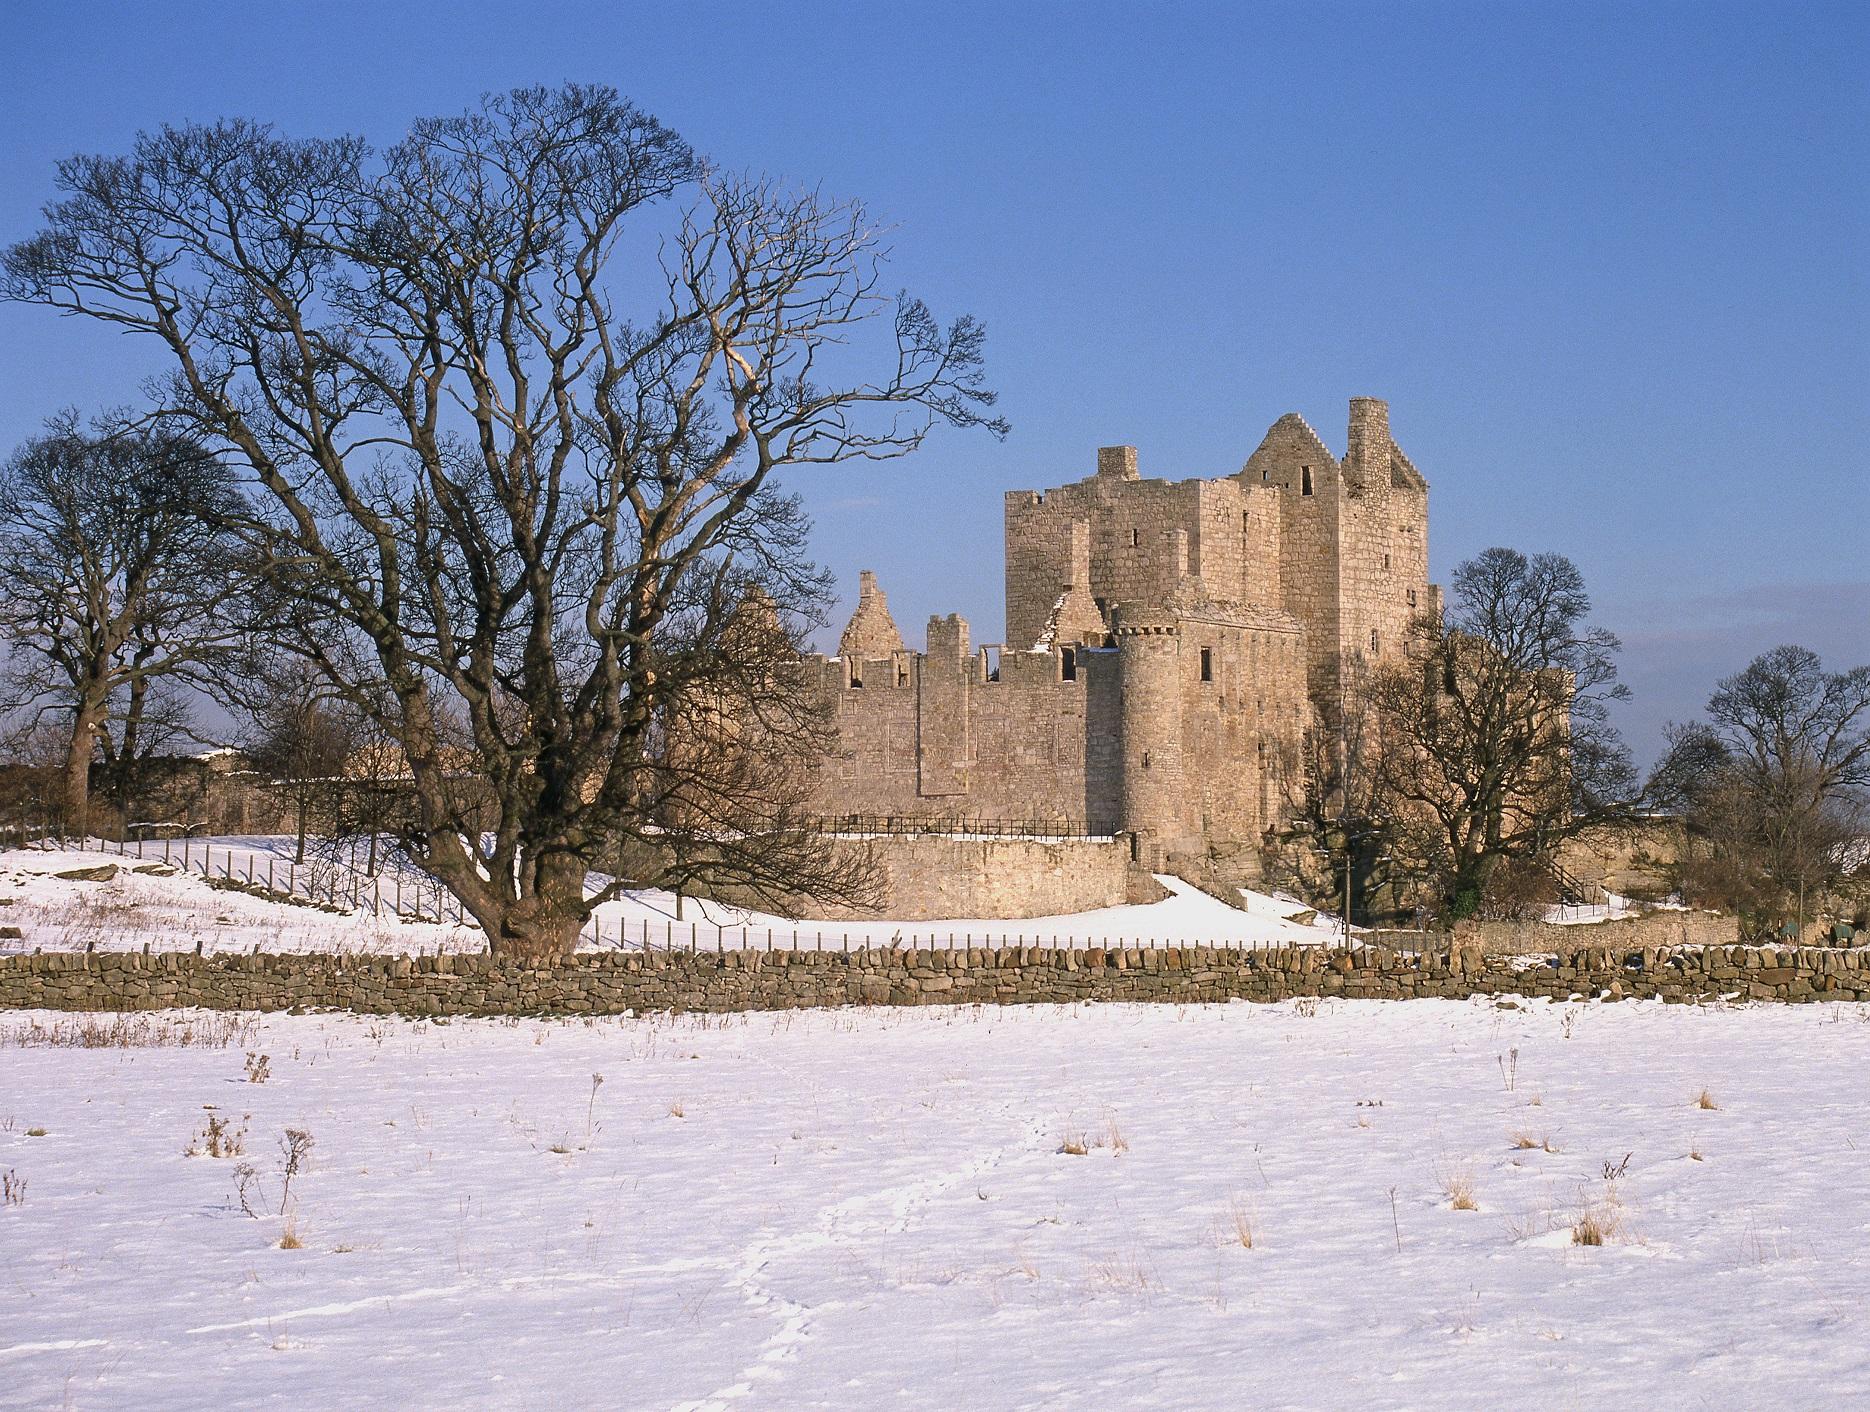 craigmillar castle in the snow